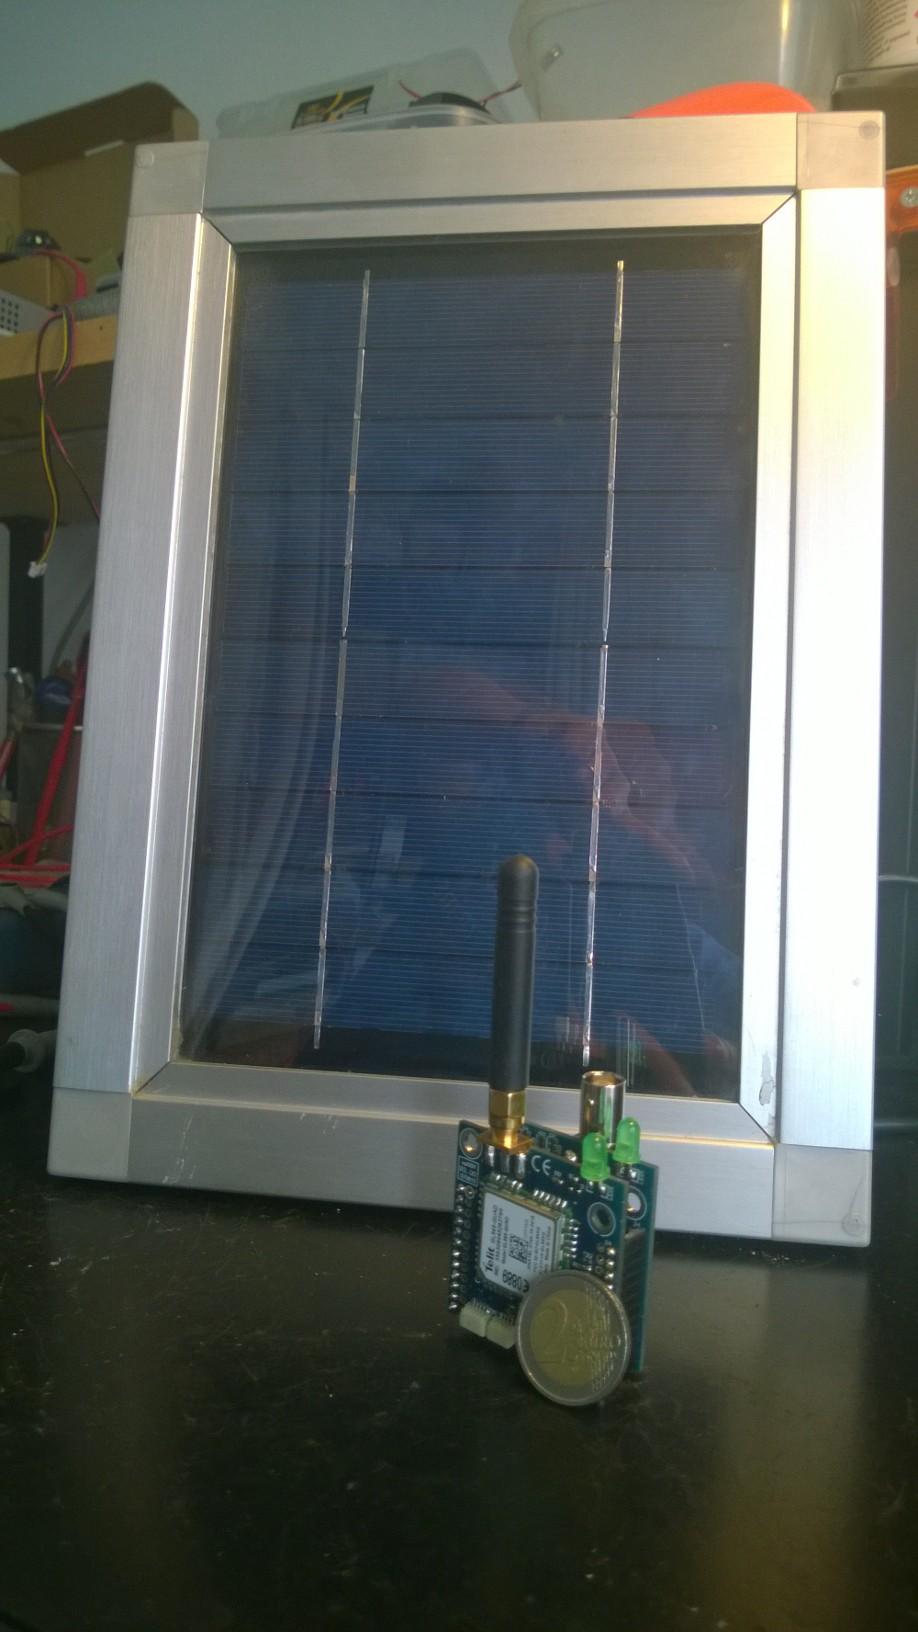 Sistema per il campionamento polline e per il monitoraggio di parametri ambientali tramite server IOT.